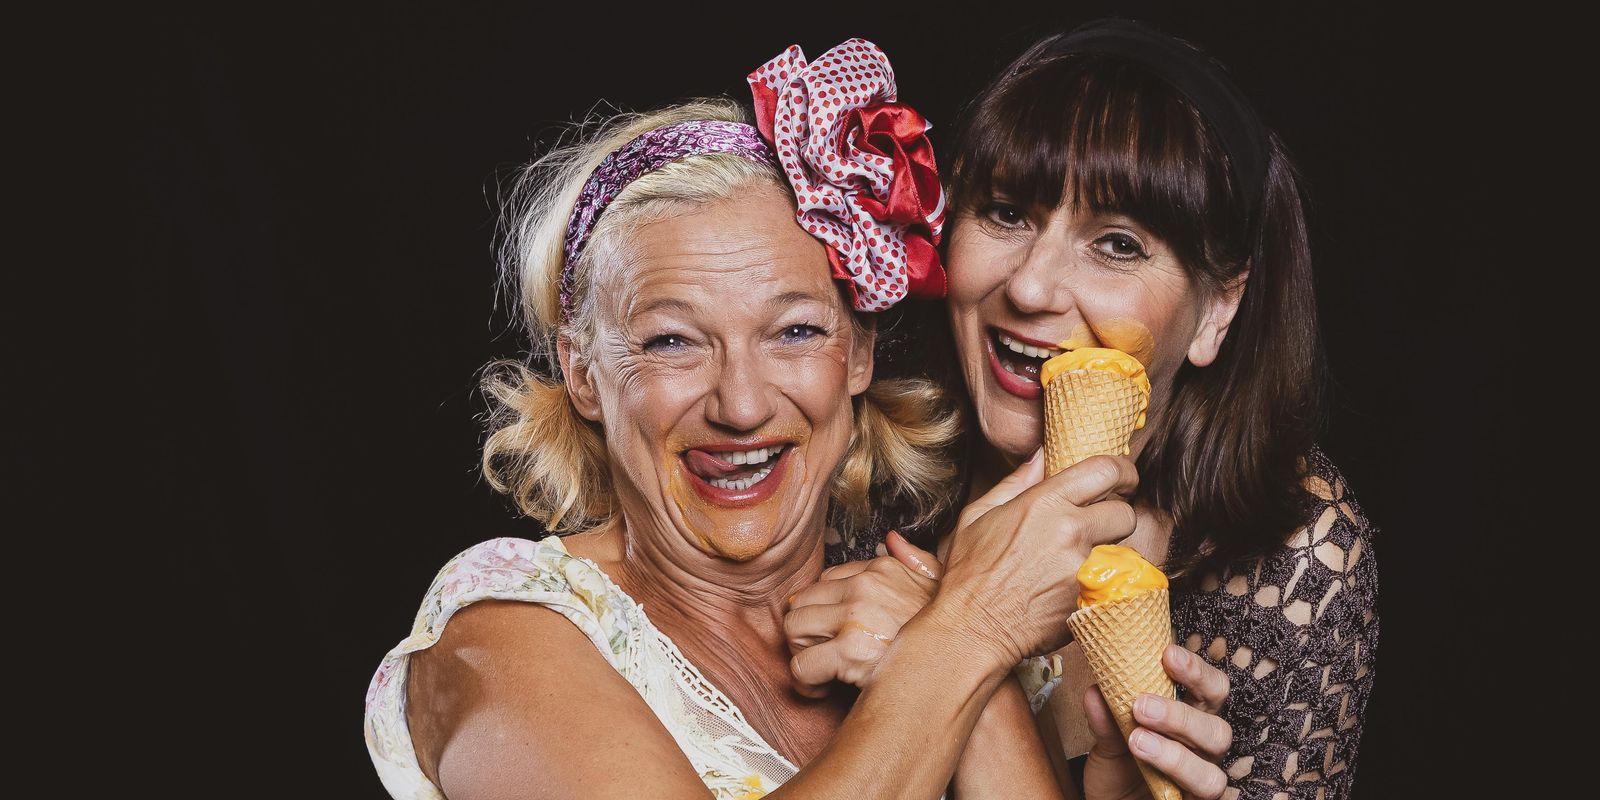 Eiscreme - Anita Köchl & Daniela Enzi ©Erika Mayer